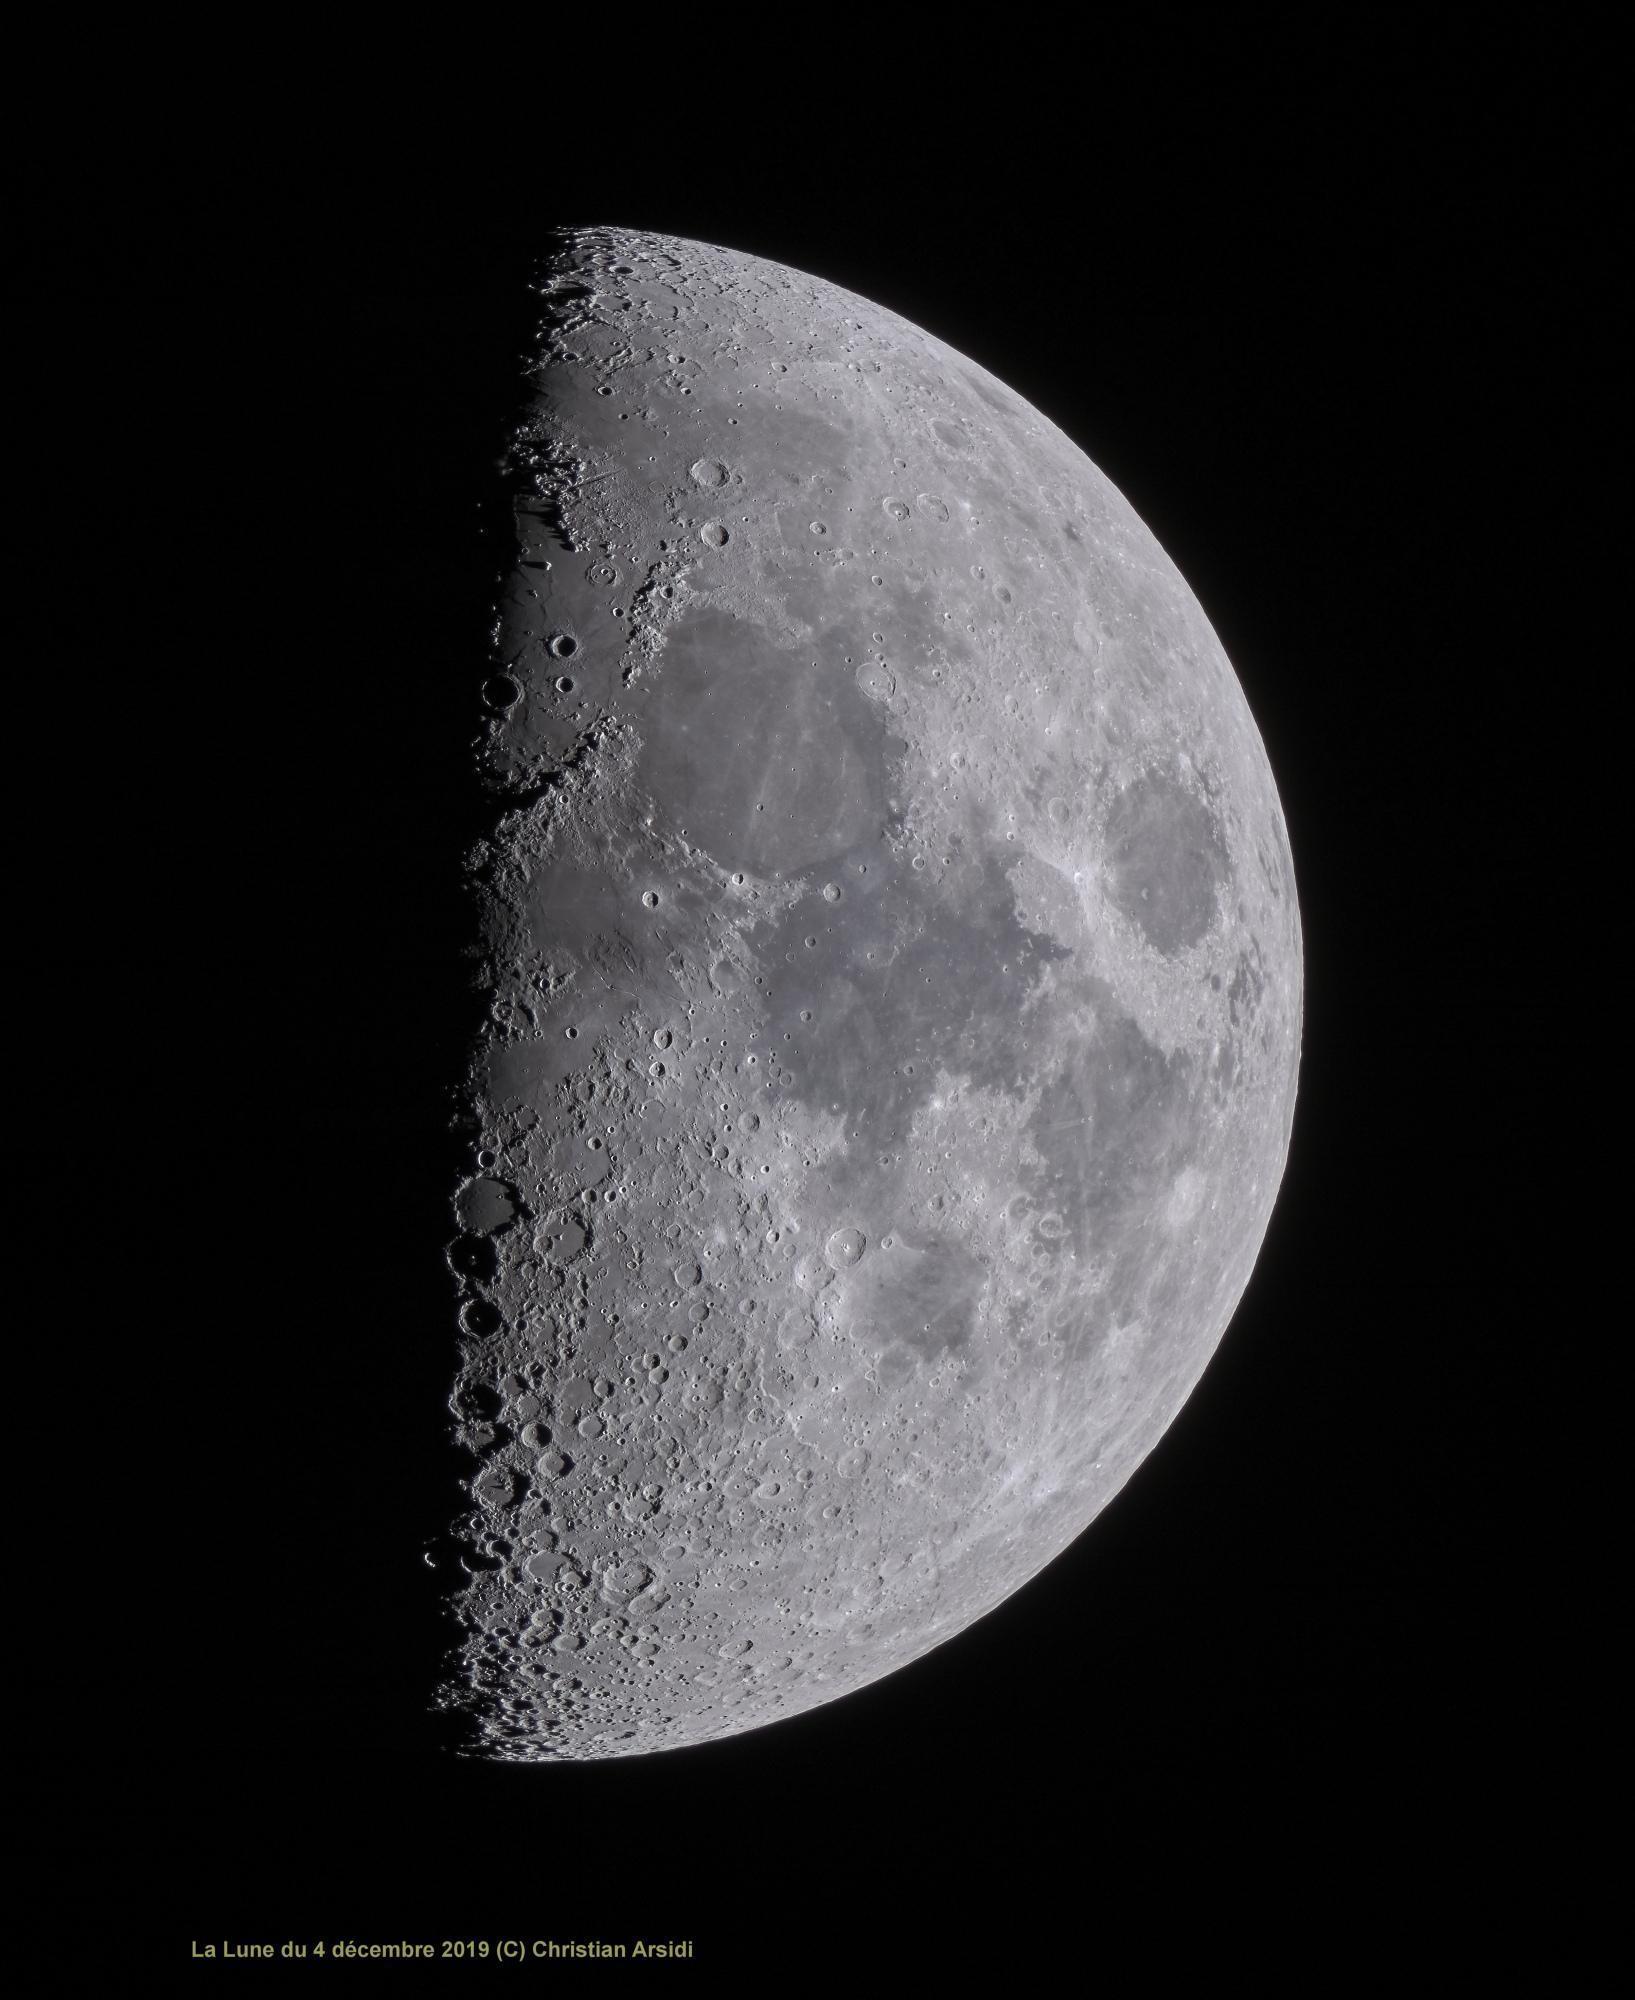 La_Lune_25_images_V1_recadrée_DxO_1_JPEG_11Mo.jpg